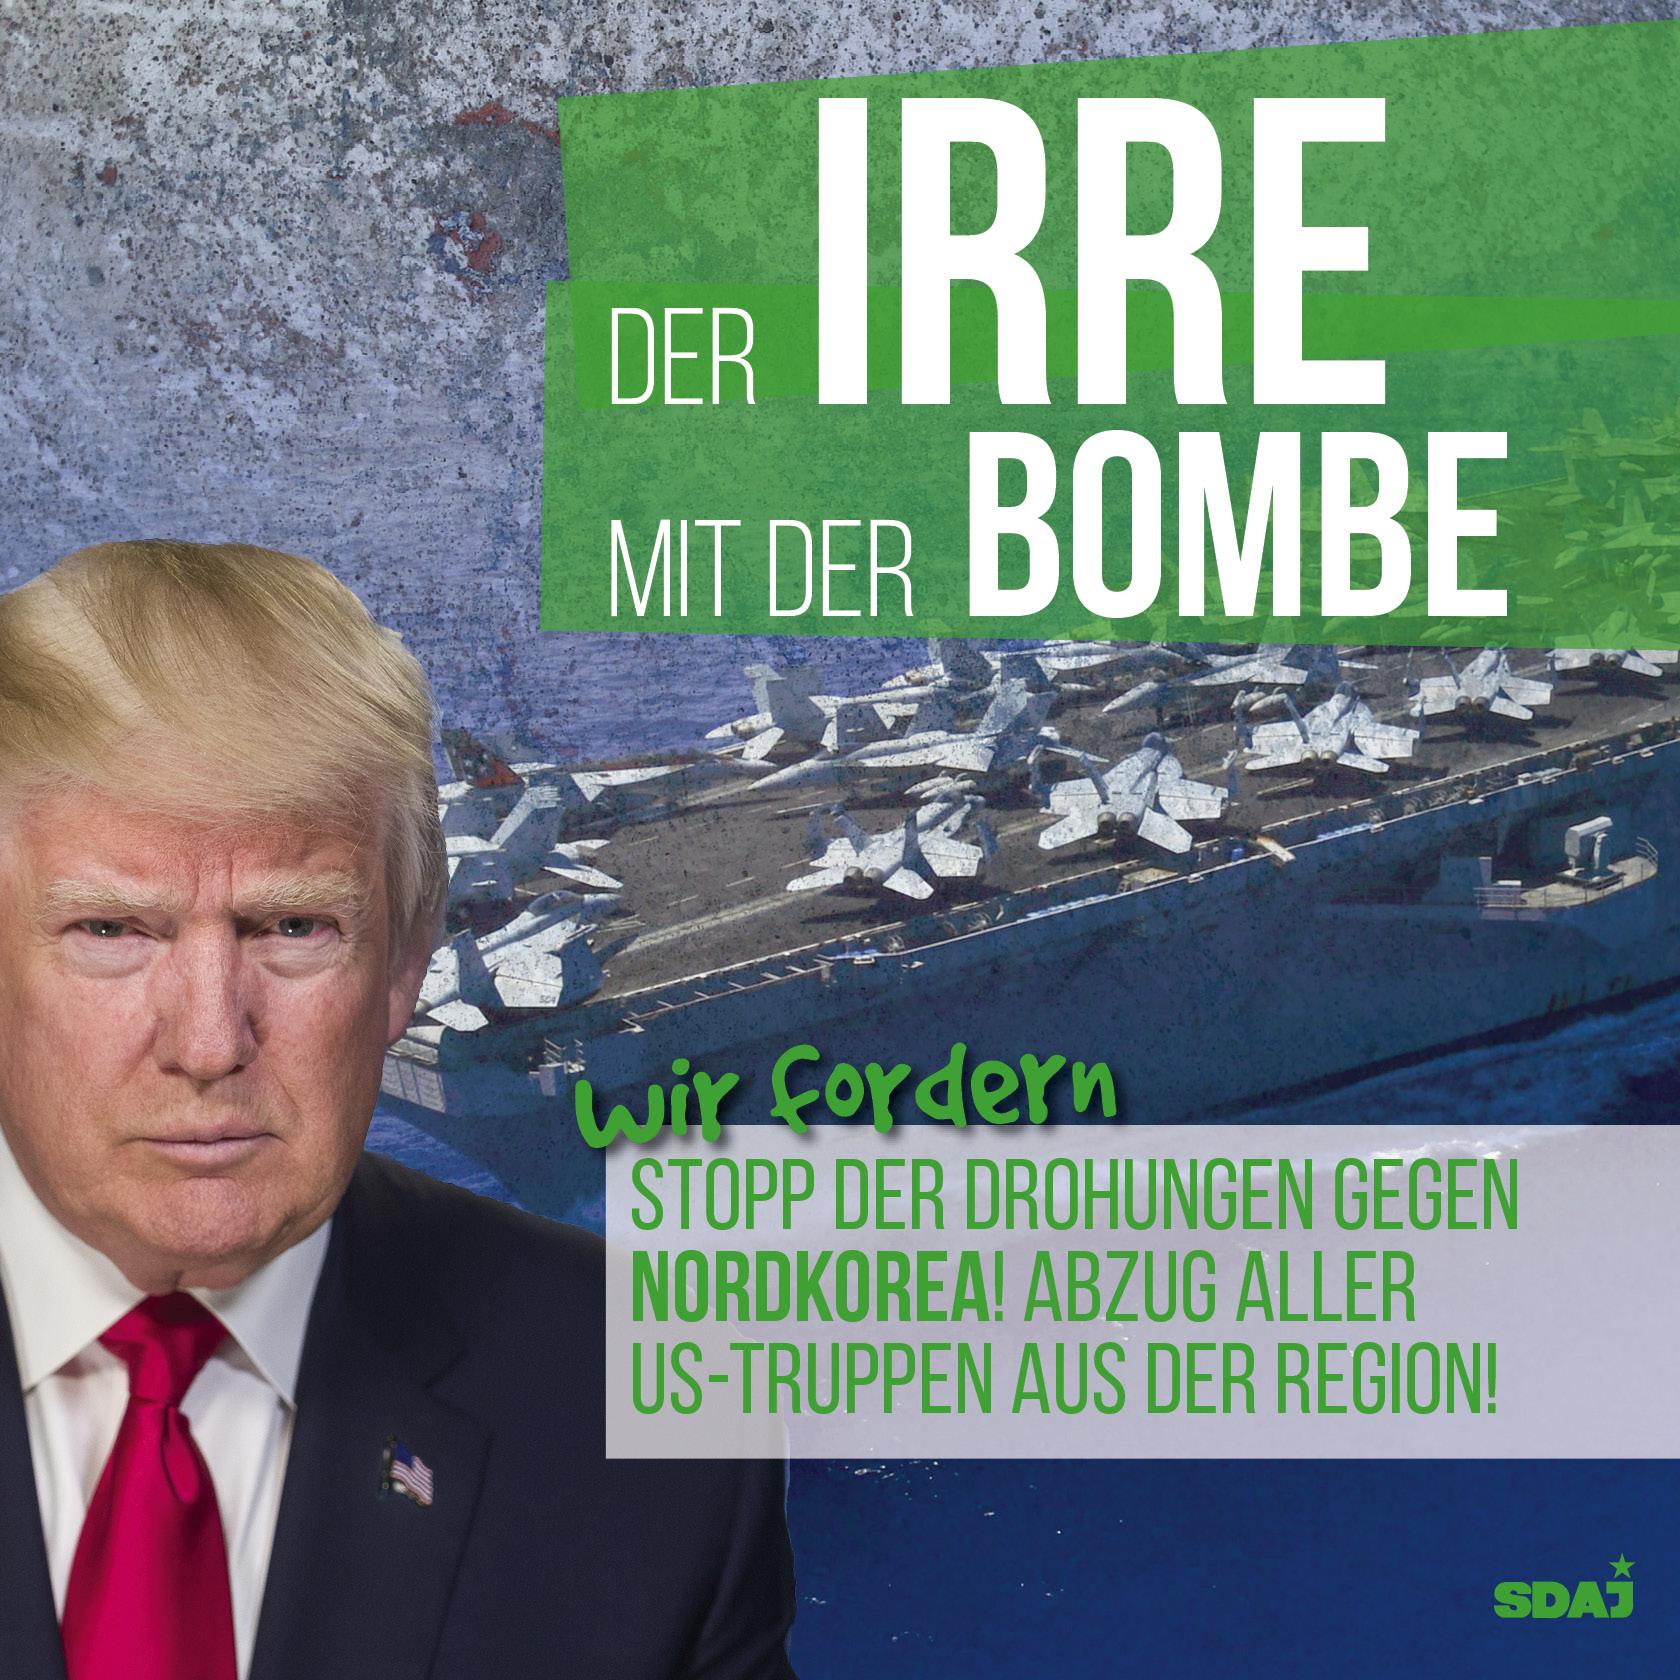 Der Irre mit der Bombe